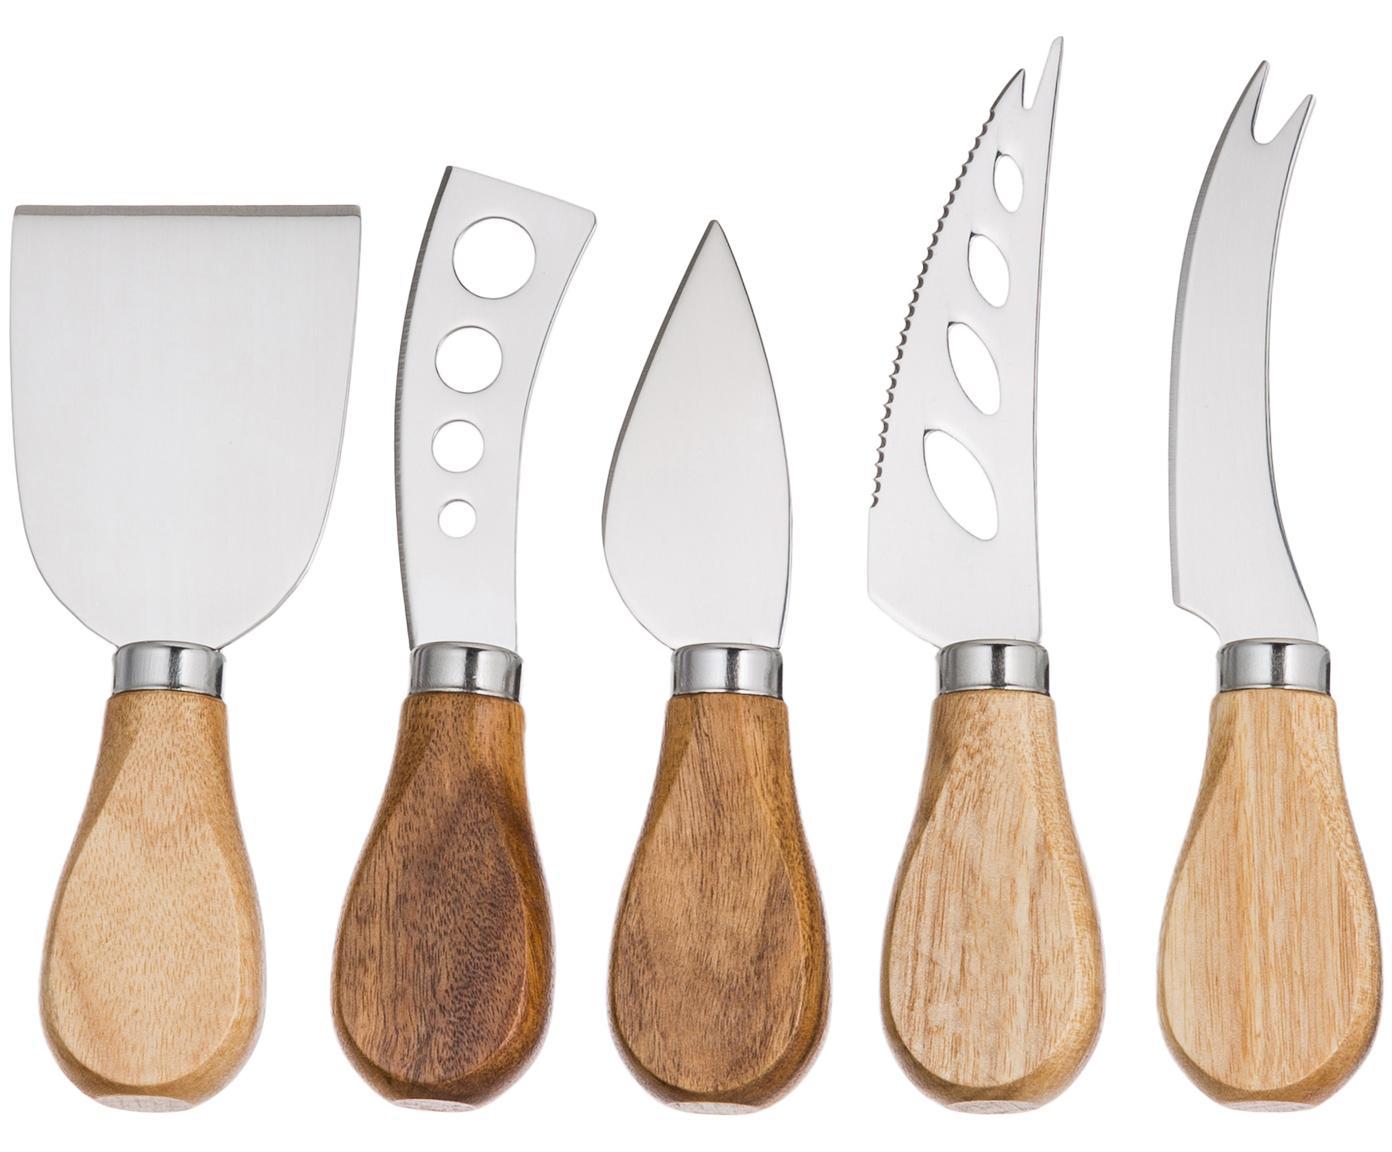 Set de cuchillos de queso Frija, 5pzas., Madera de acacia, acero inoxidable, Tamaños diferentes